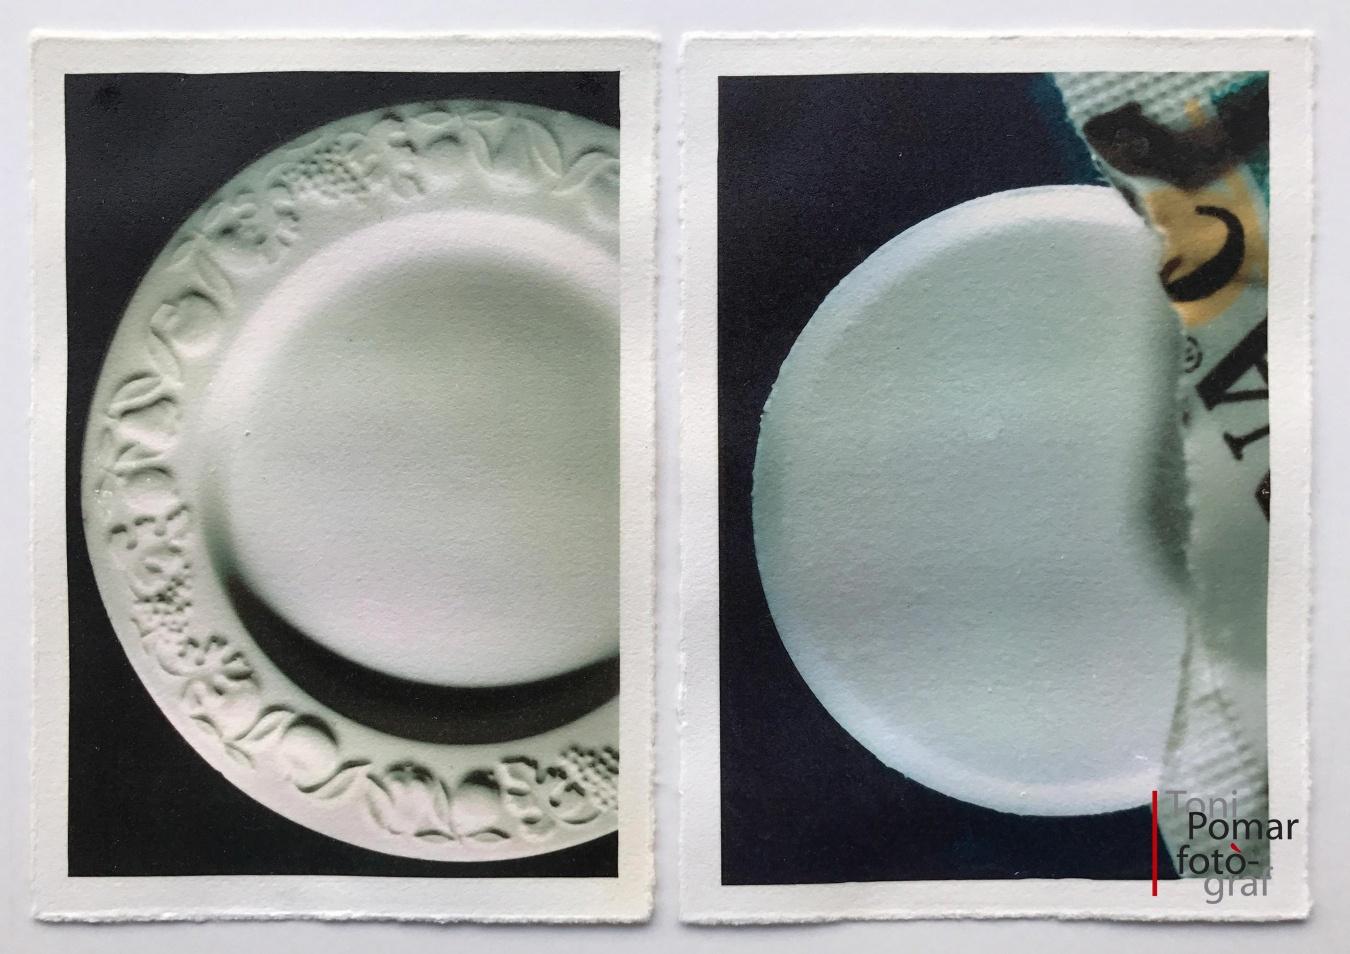 C - Plat blanc   c - Aspirina C - Alfabet - Toni Pomar. Alfabet